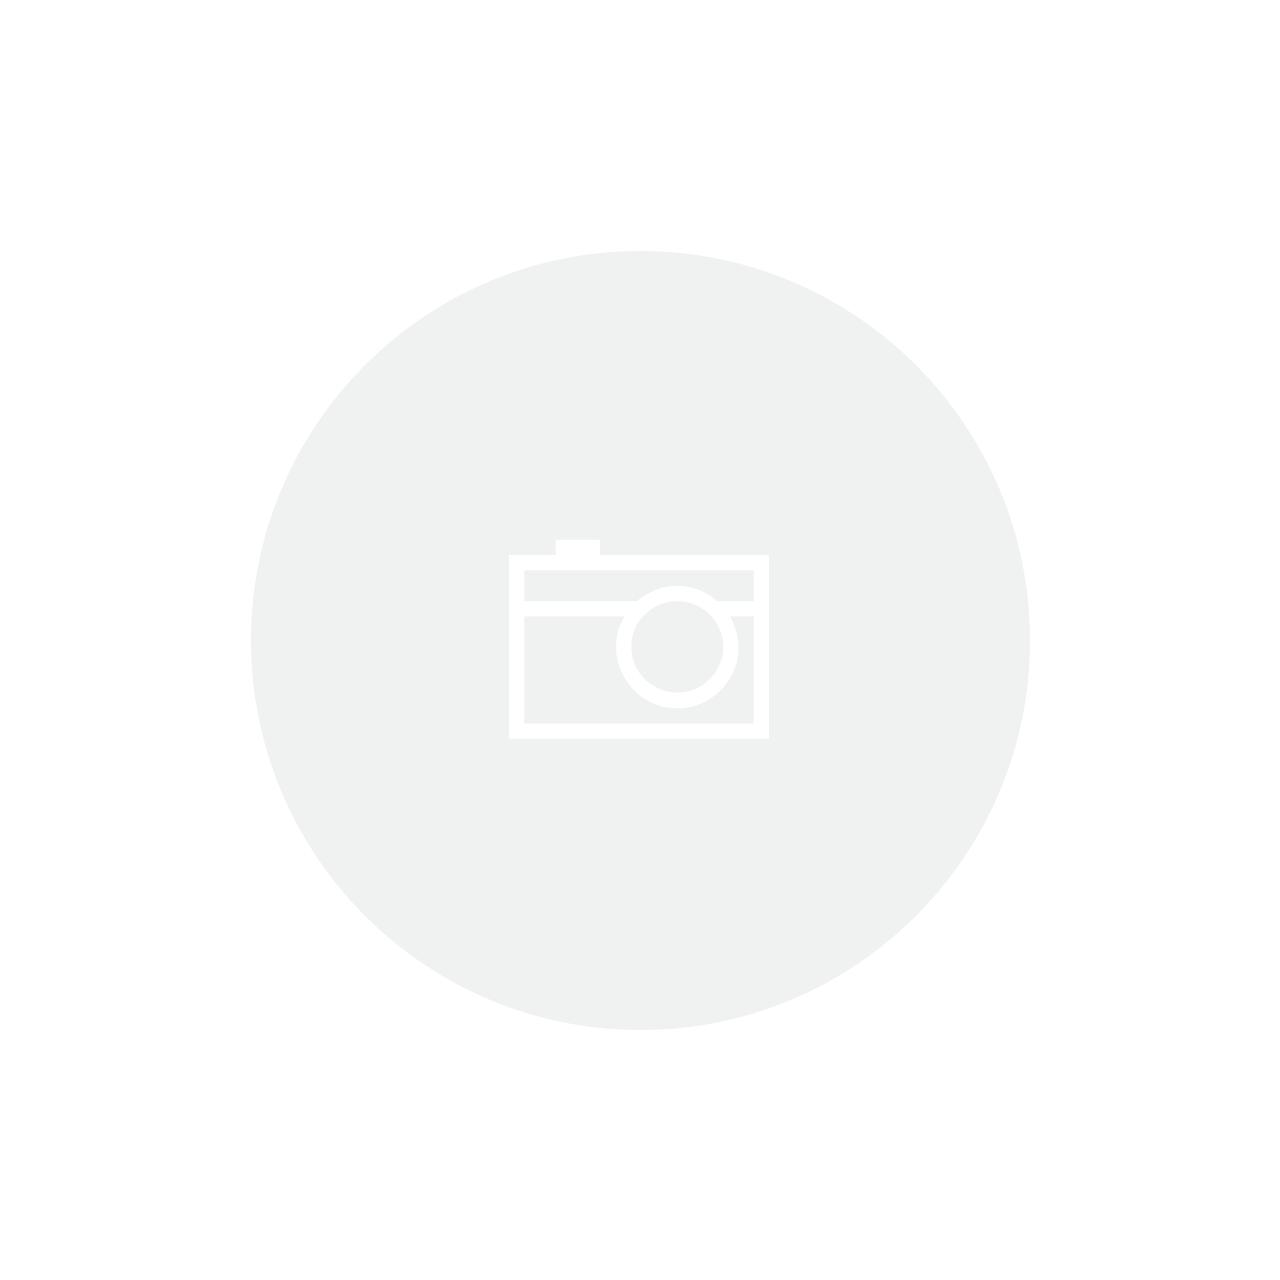 Placa 4x4 - 3 + 3 módulos juntos